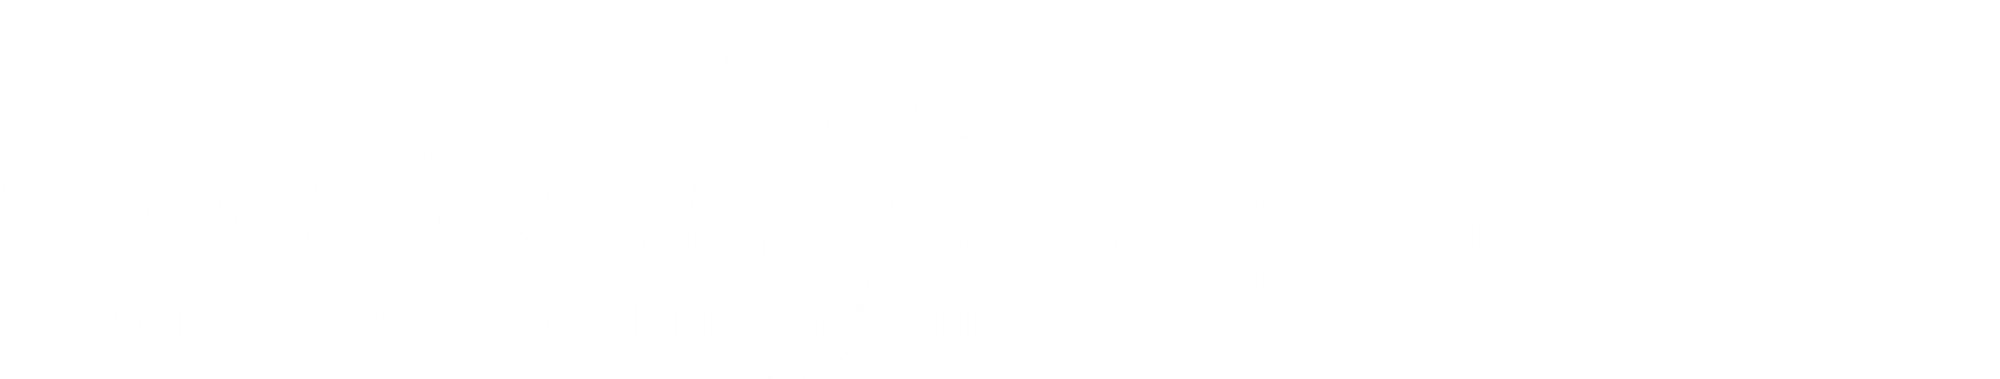 DLTC logo 2019 white reduced